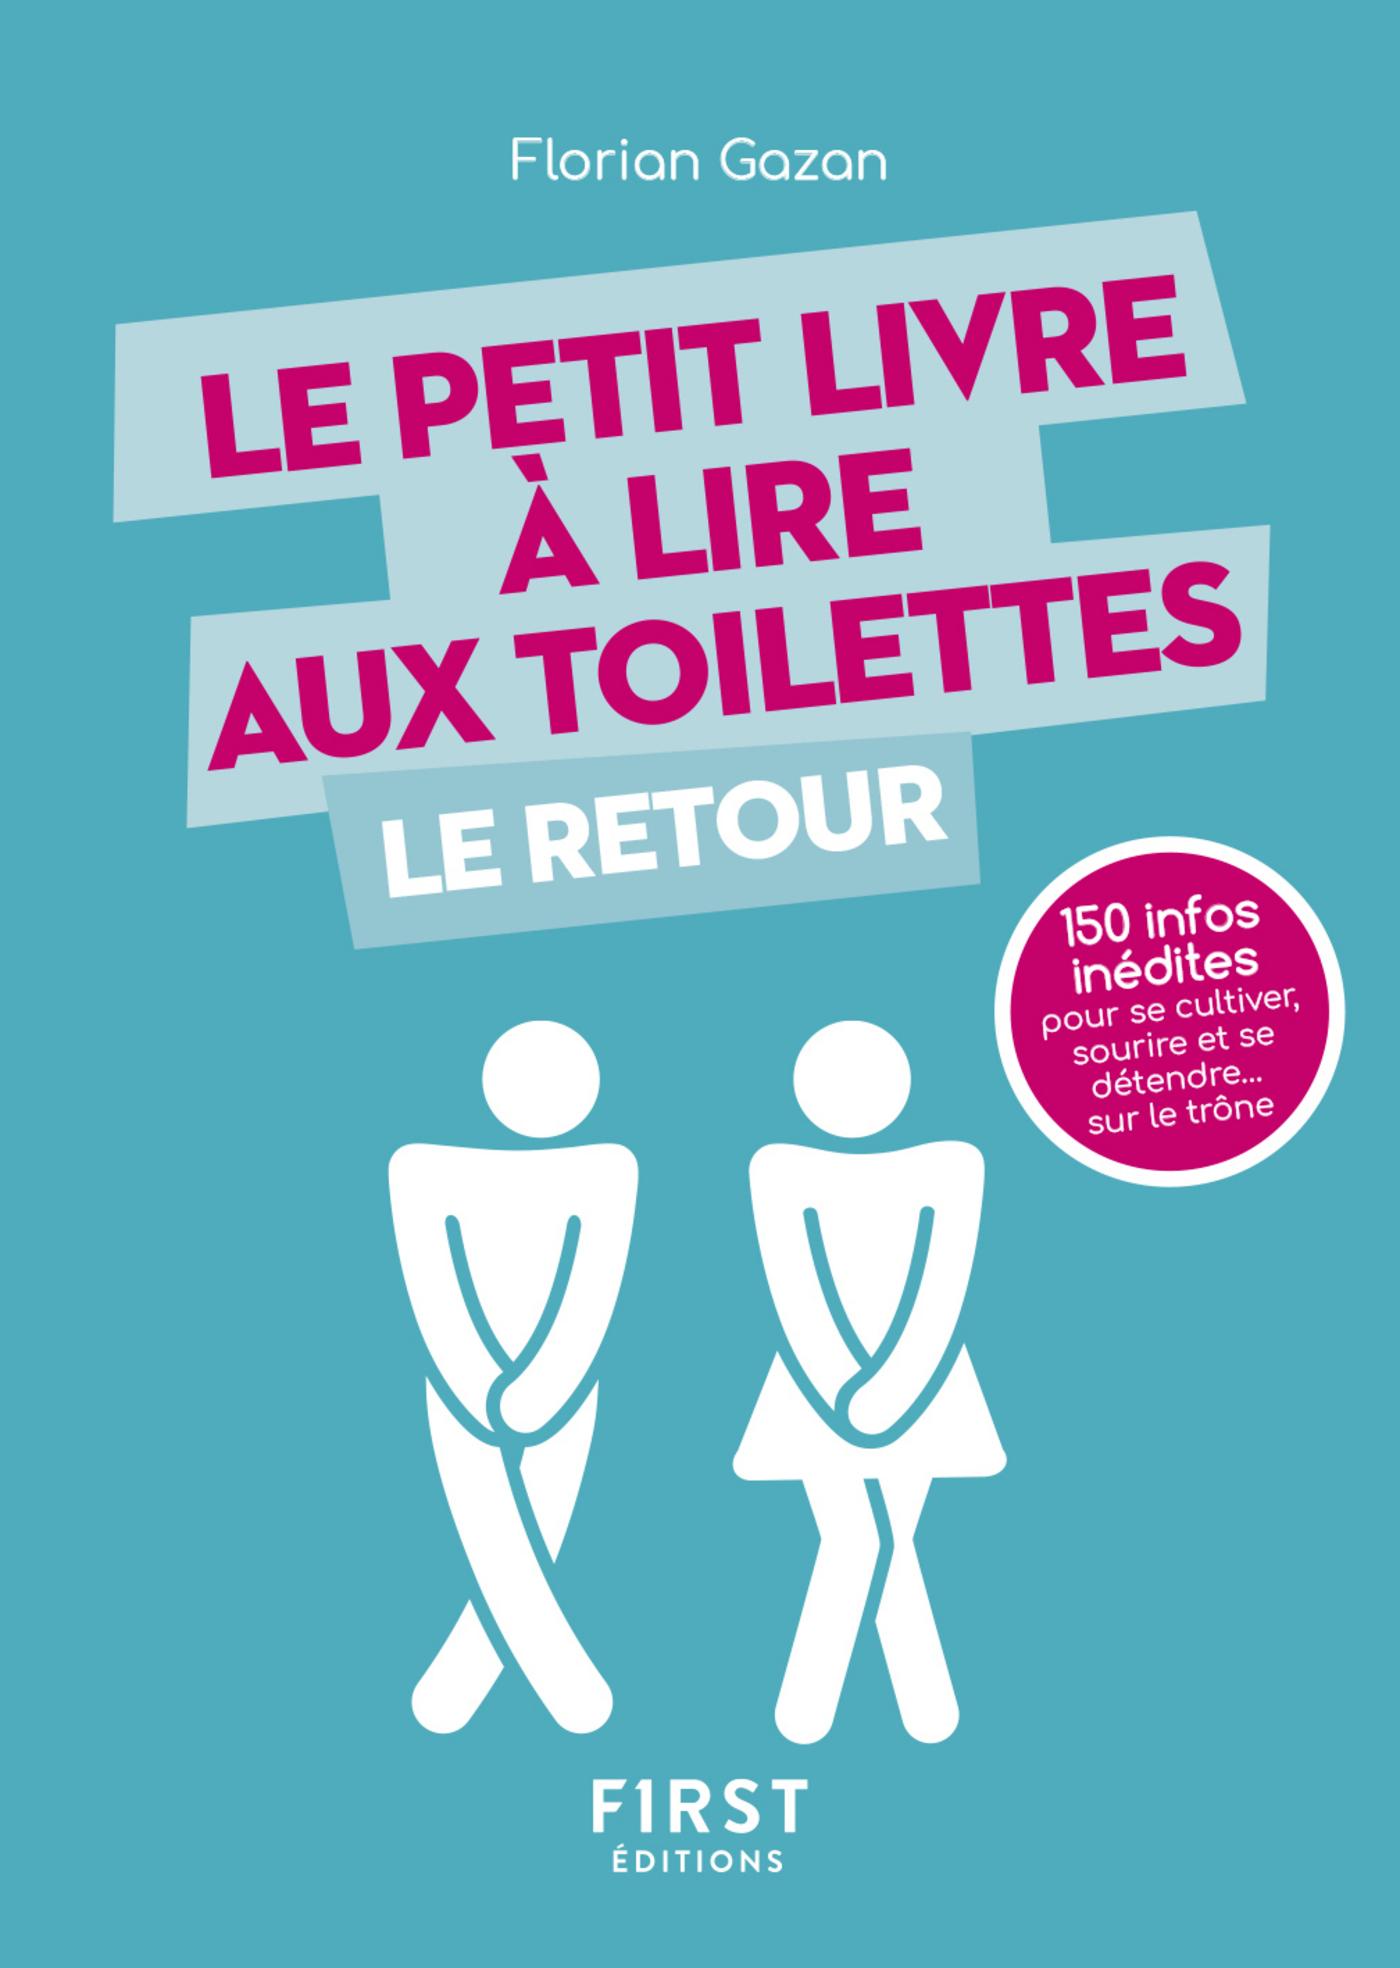 Le Petit Livre à lire aux toilettes... Le Retour